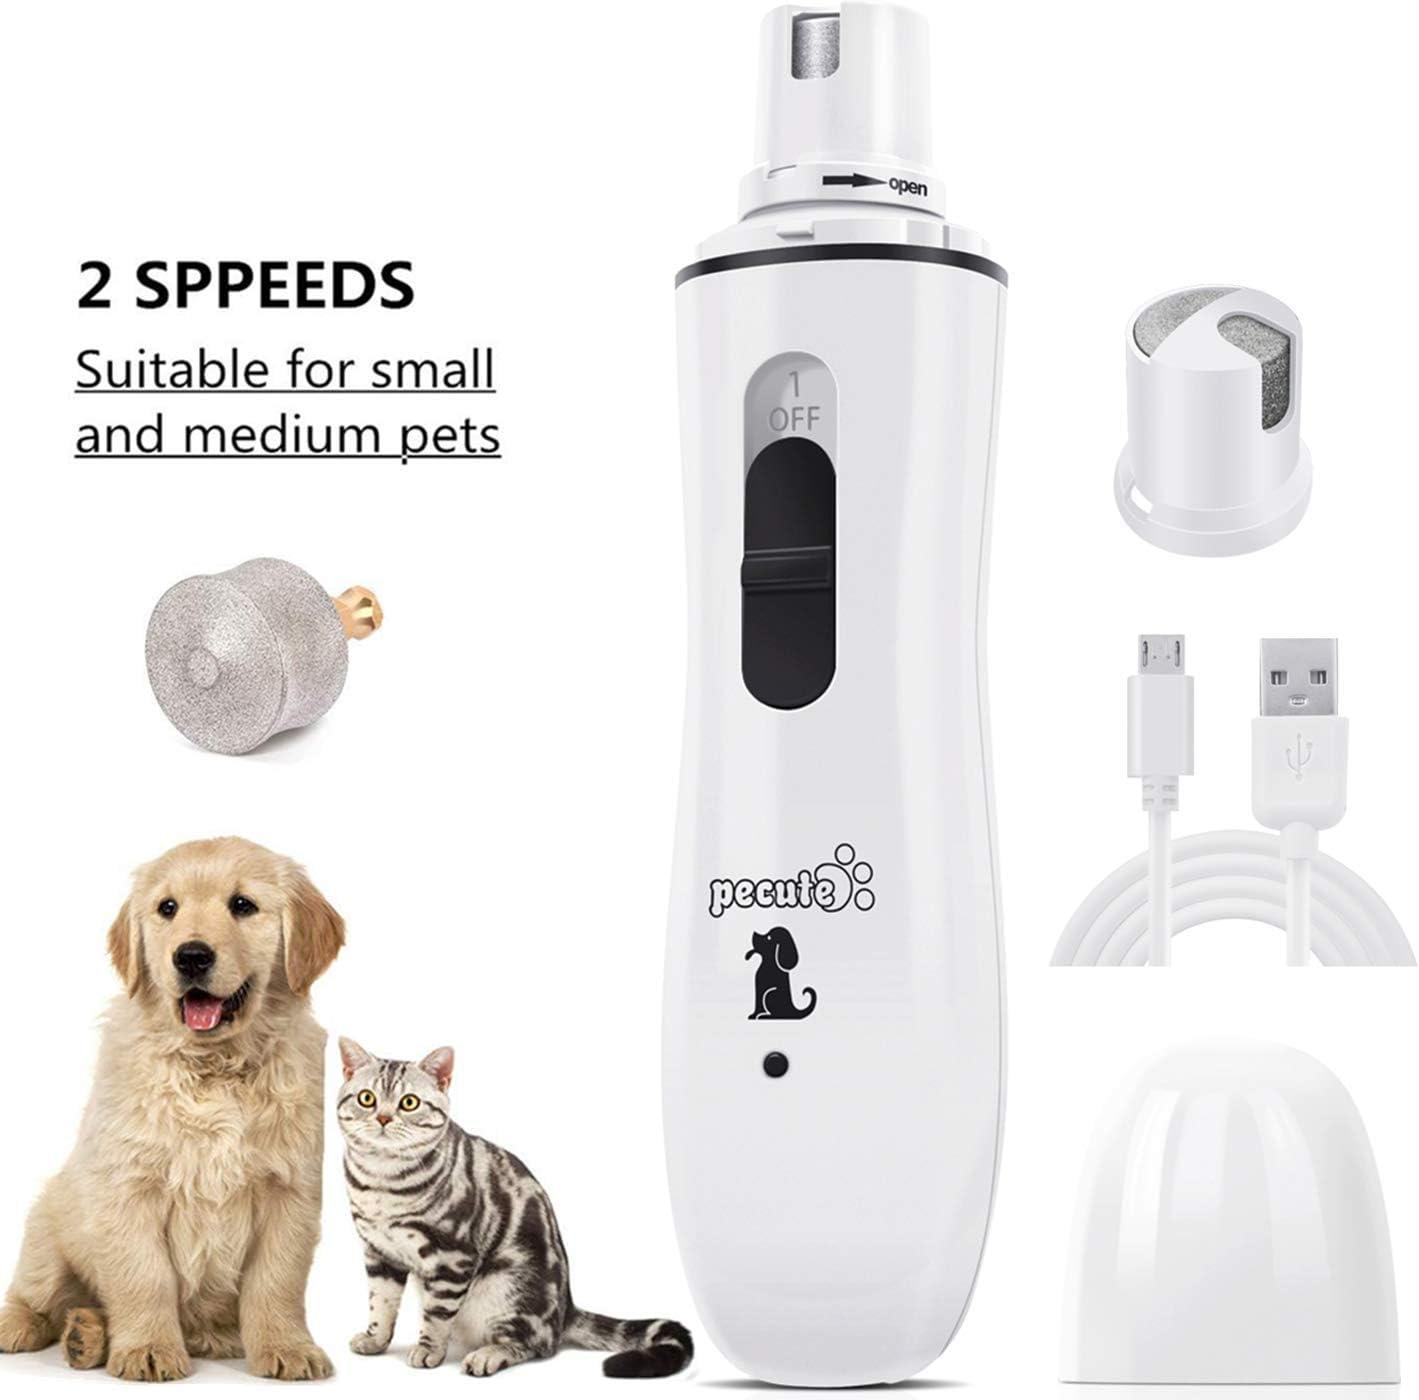 Pecute Cortauñas Gato Lima de Uñas Eléctrica para Gato Mascotas Pequeño Amoladora del Clavo Recargable y de Bajo Ruido, Dos Grados Velocidad Variable con Cable USB